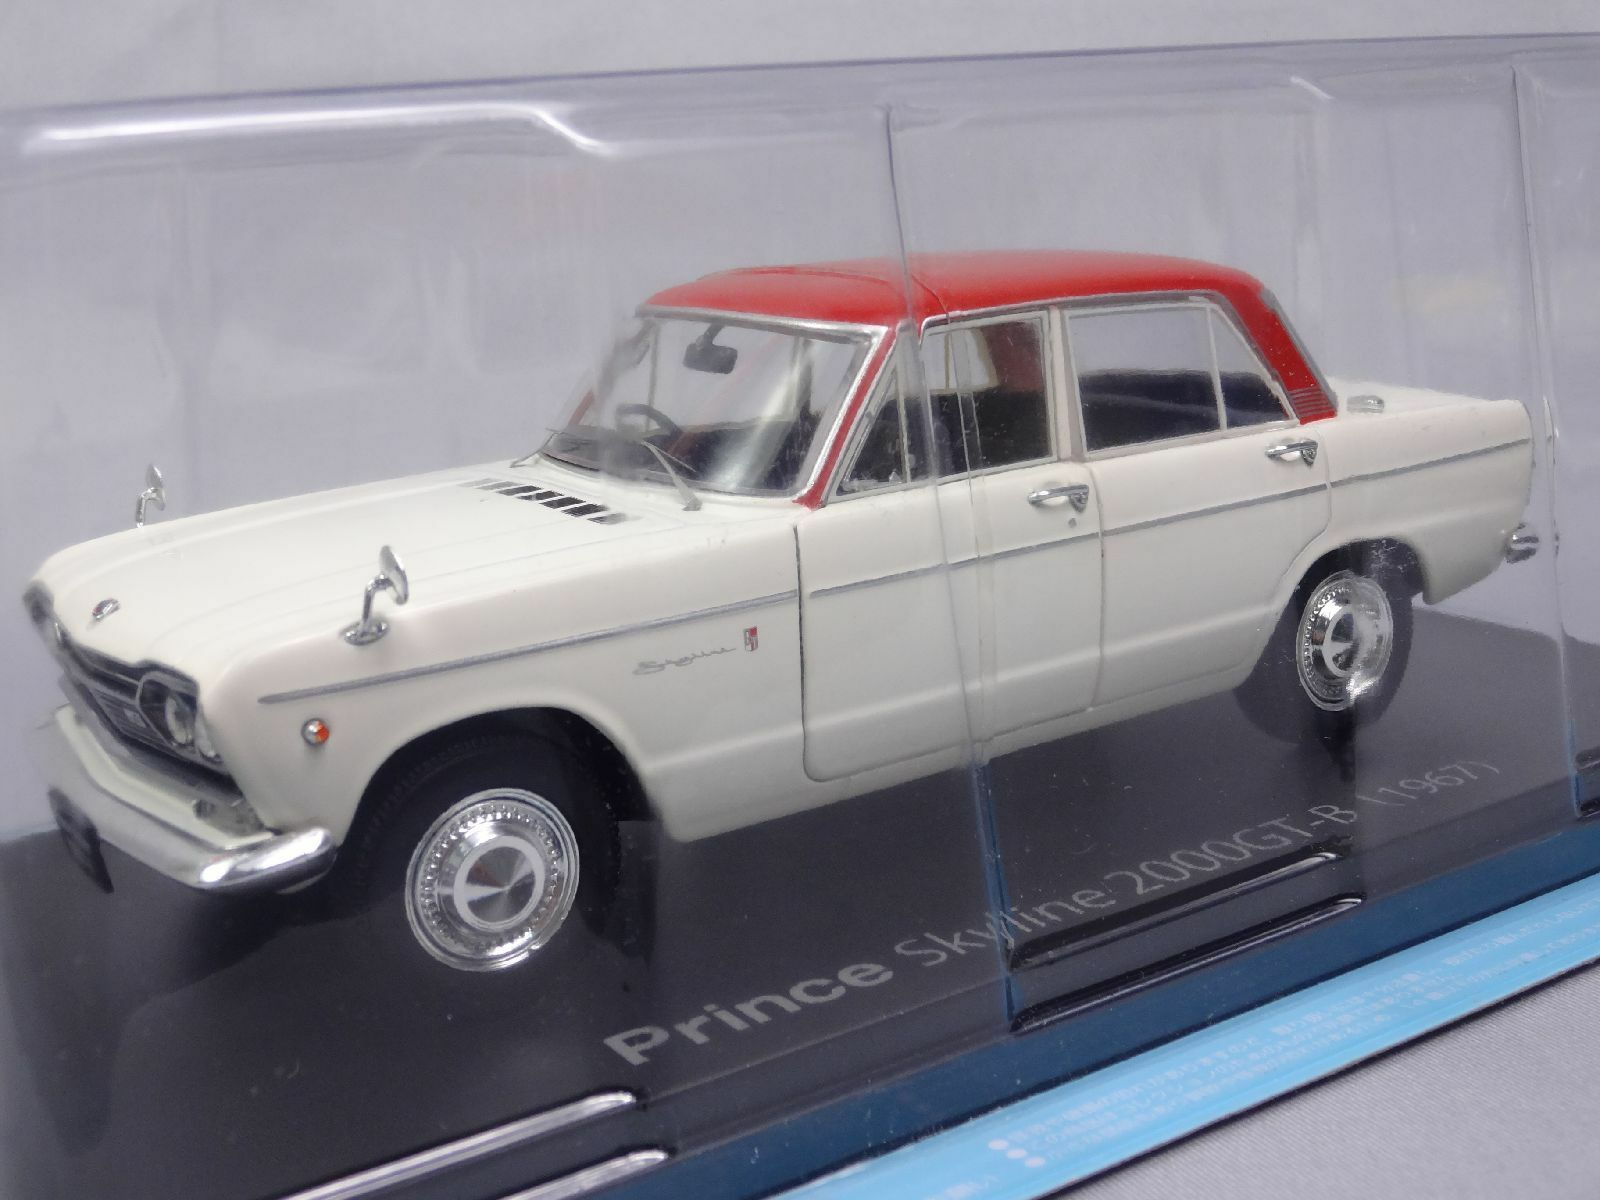 Nissan Prince Skyline 2000GT-B échelle 1967 1 24 Boîte Voiture Affichage Diecast 3CA26